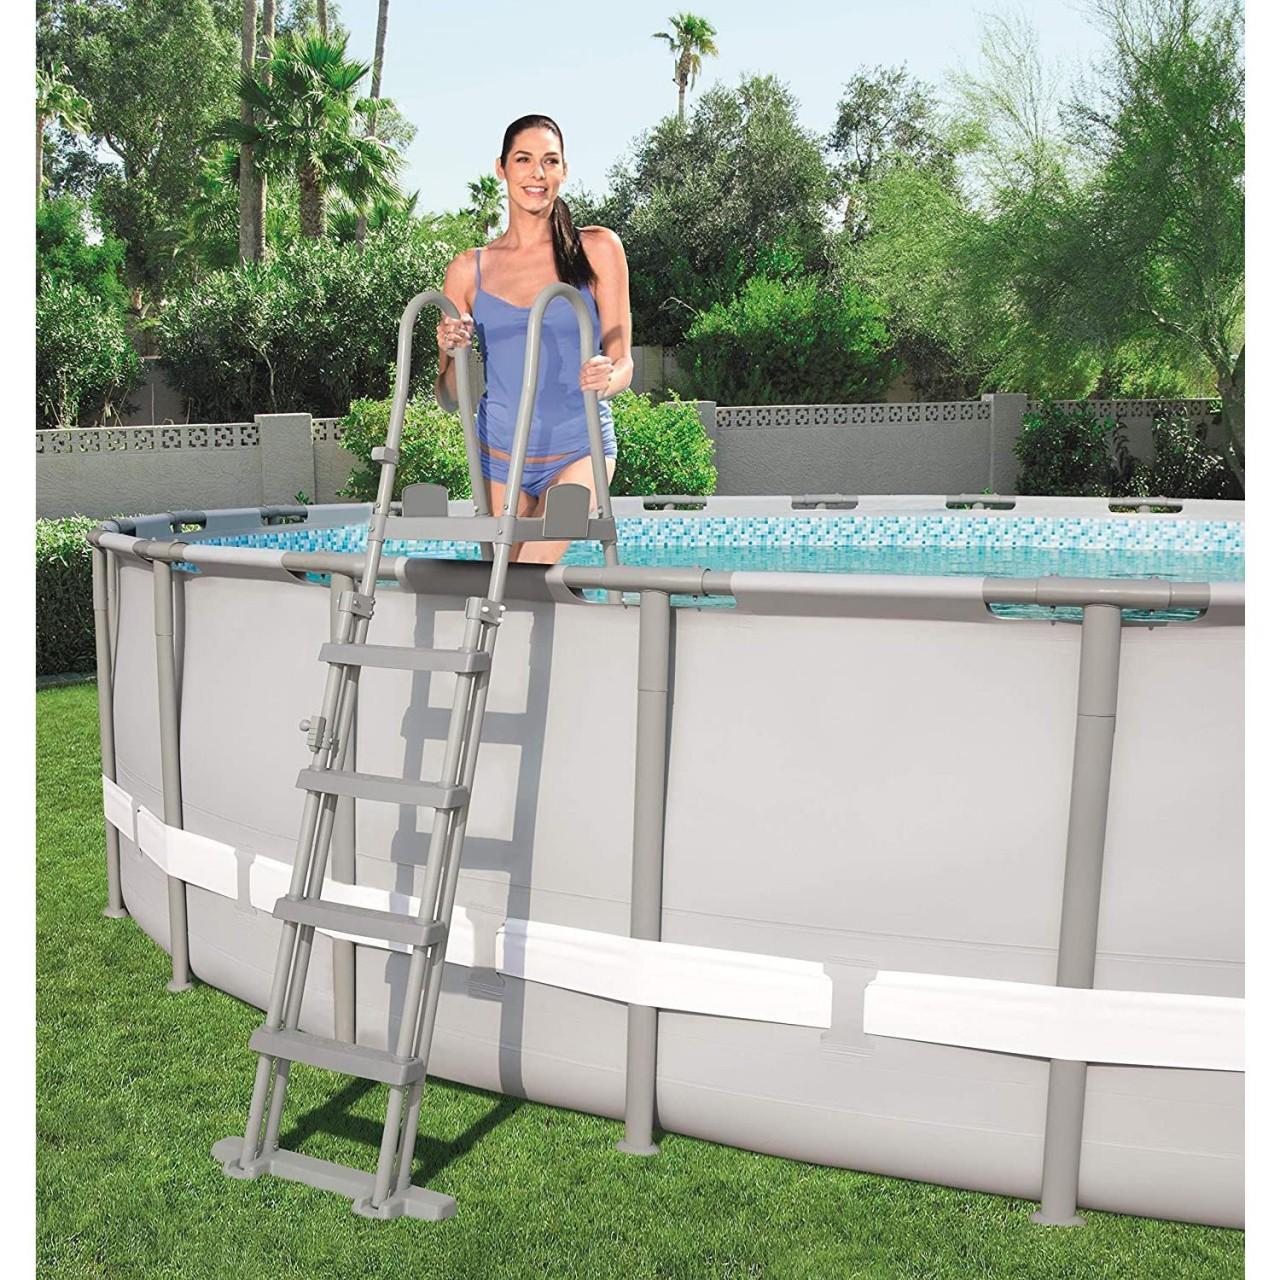 Bestway Poolleiter Sicherheitsleiter Einstiegsleiter 132cm Schwimmbadleiter Pool